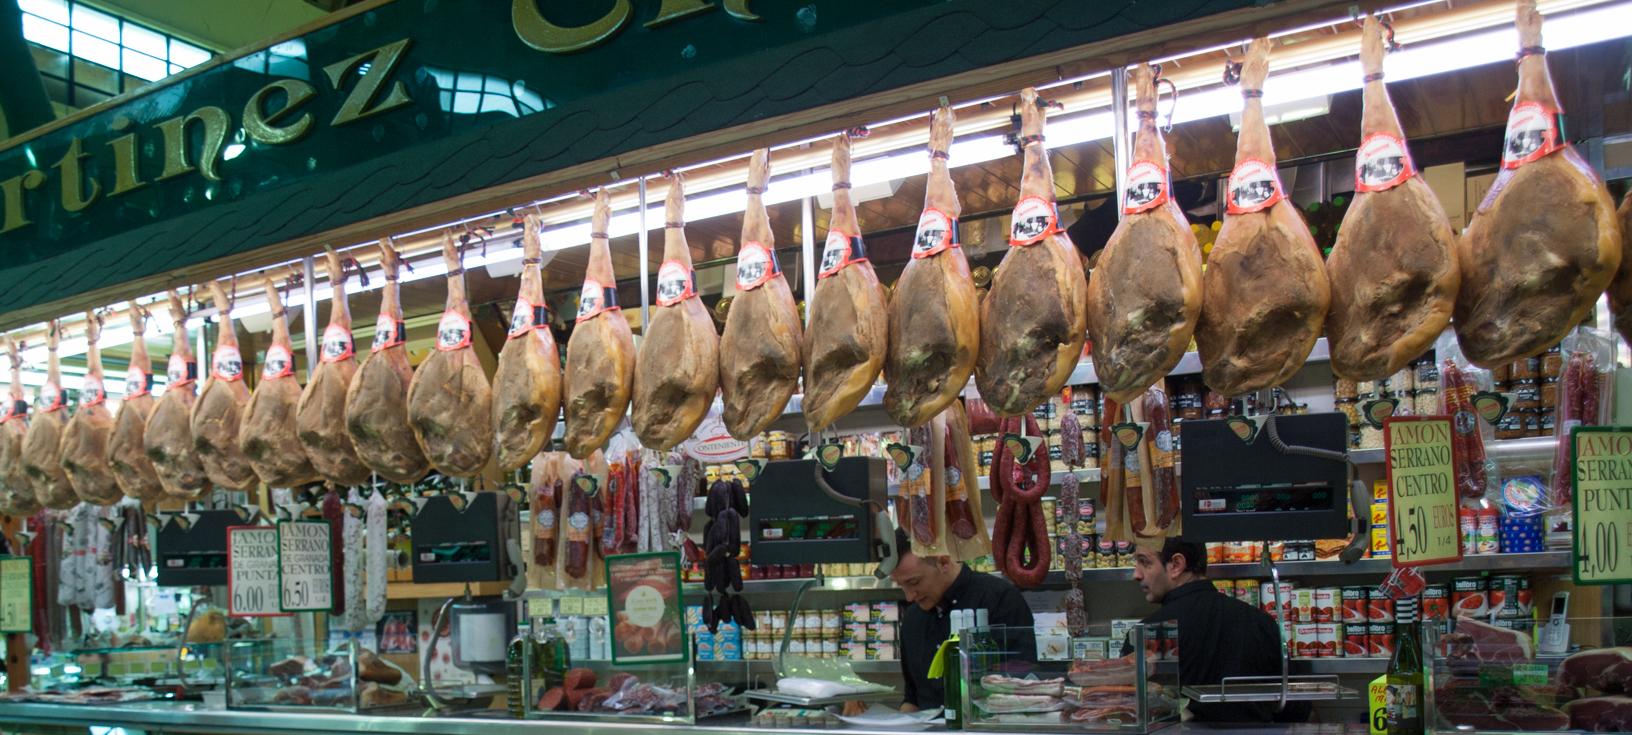 Spanish Hams at Valencia's Russafa Market